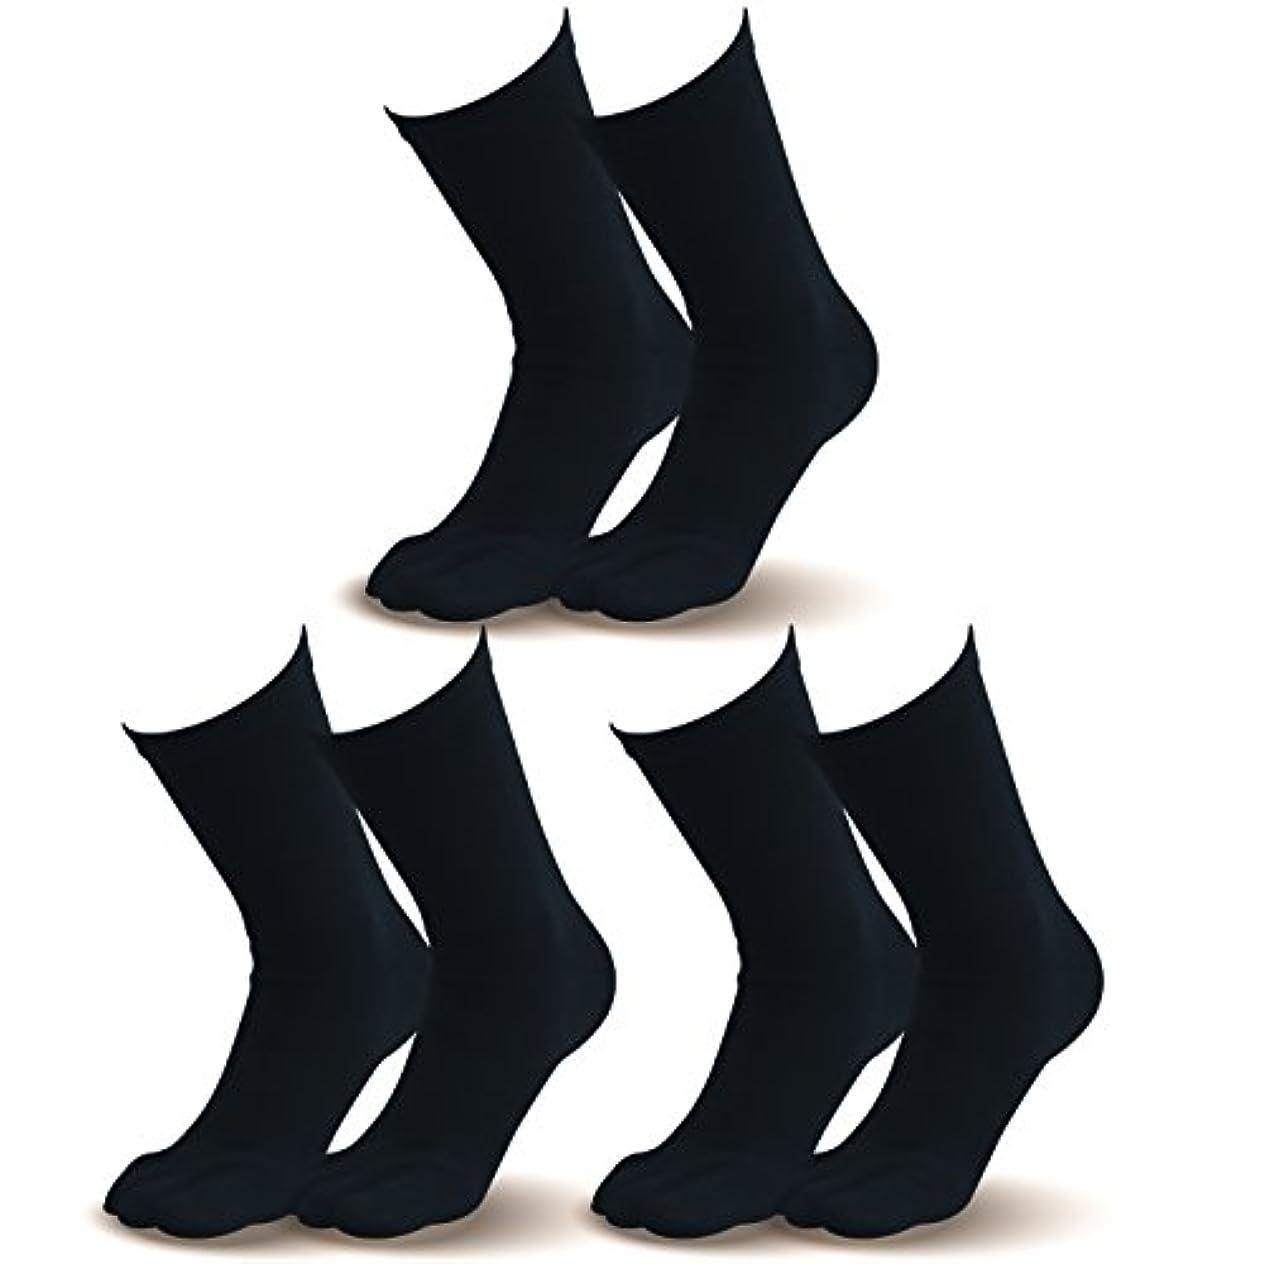 発音する時間セイはさておき【指先まであったか靴下】とってもお得な ブラック3足組  温かい 暖かい 遠赤外線加工 セラミック 伸びる 外反母趾対策 健康 5本指ソックス